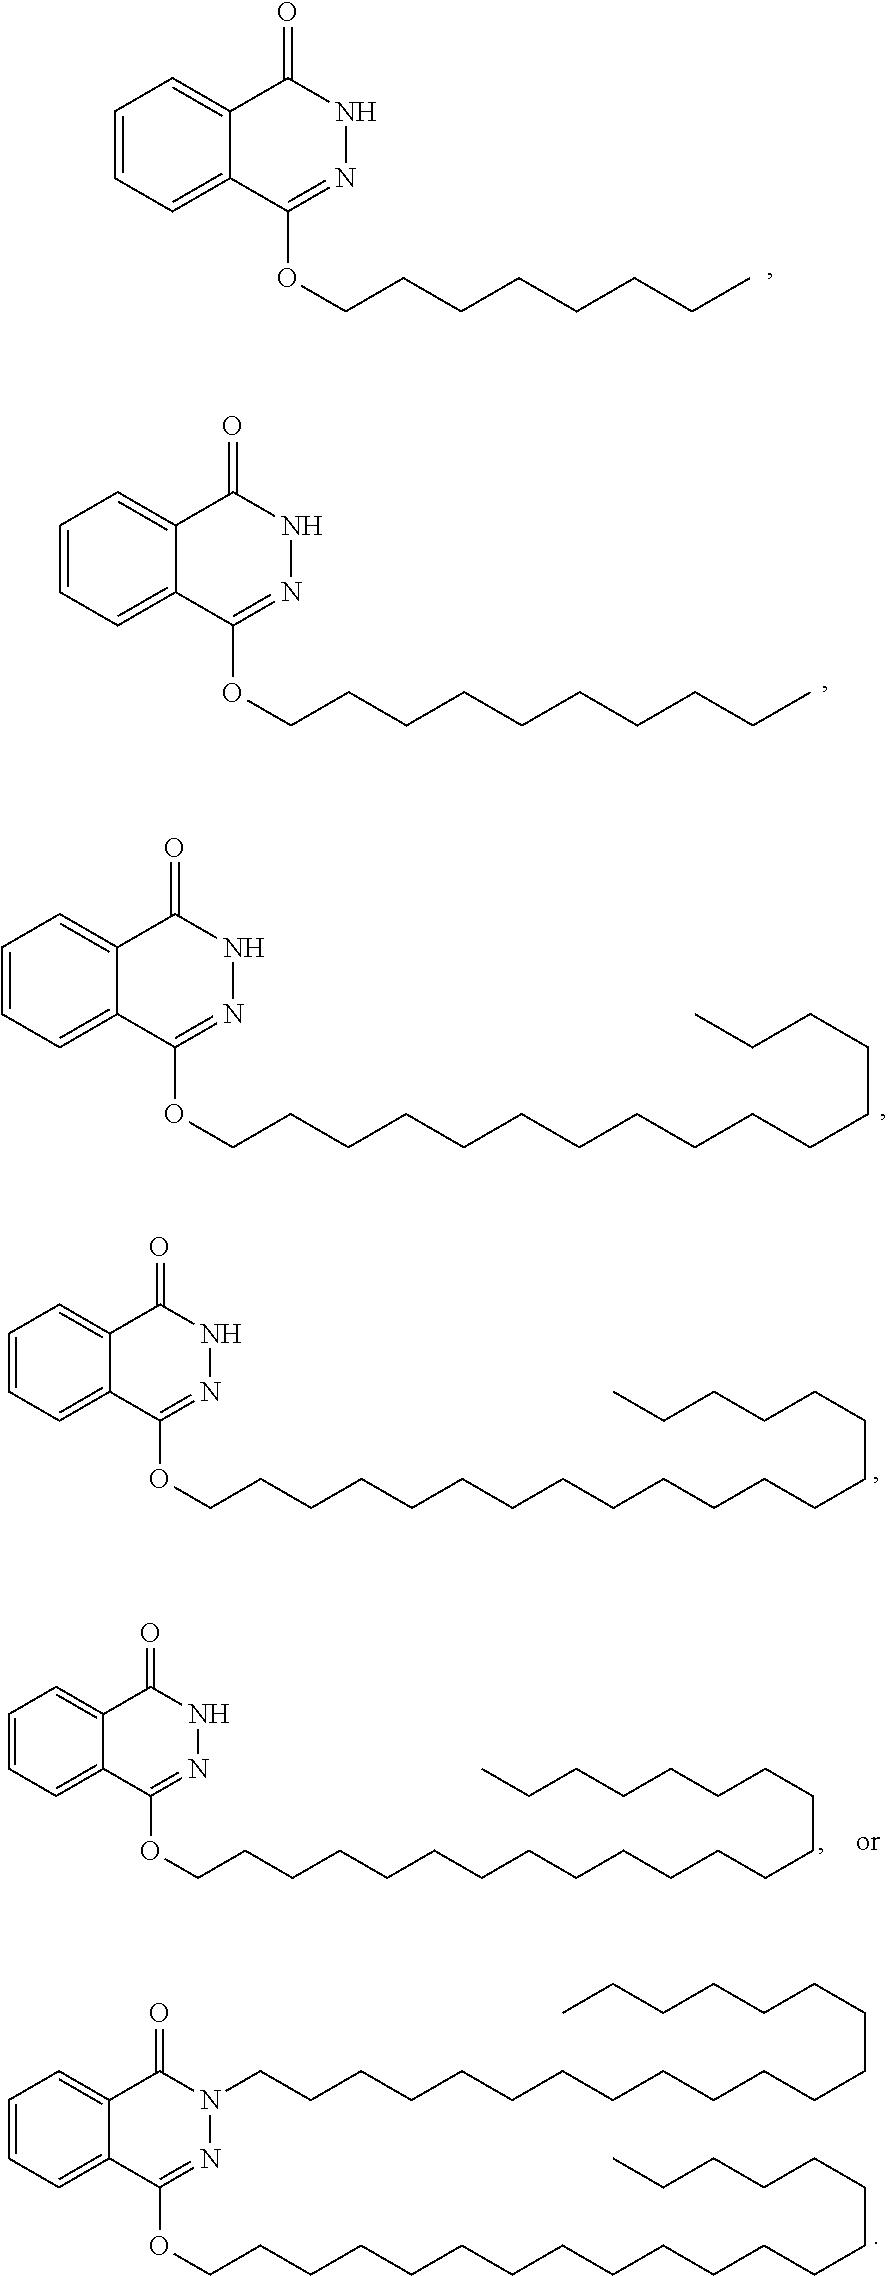 Figure US08871764-20141028-C00011